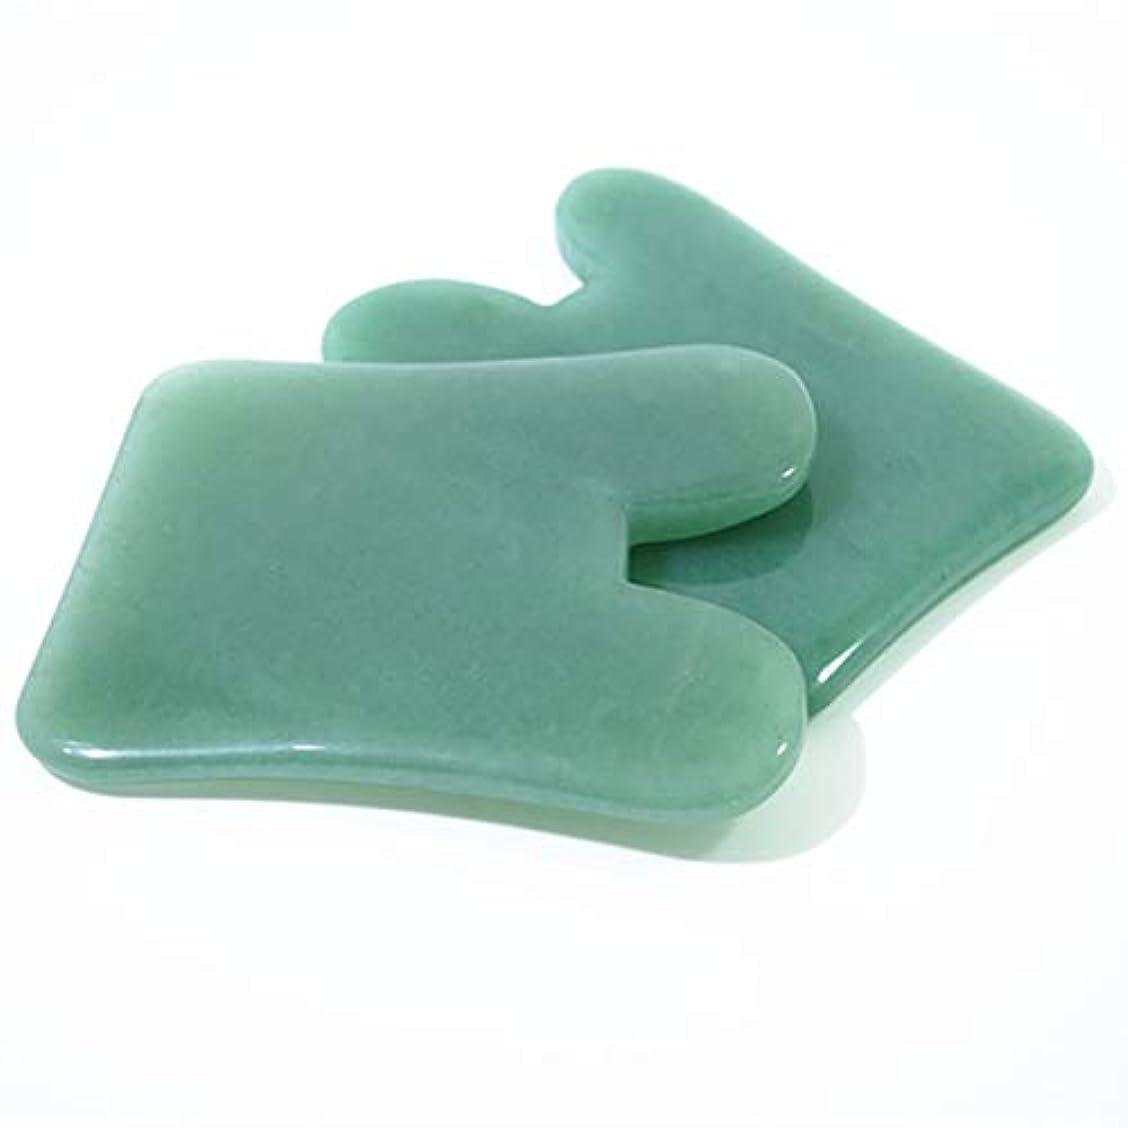 インフルエンザ物質お金Natural Portable Size Gua Sha Facial Treatment Massage Tool Chinese Natural Jade Scraping Tools Massage Healing...